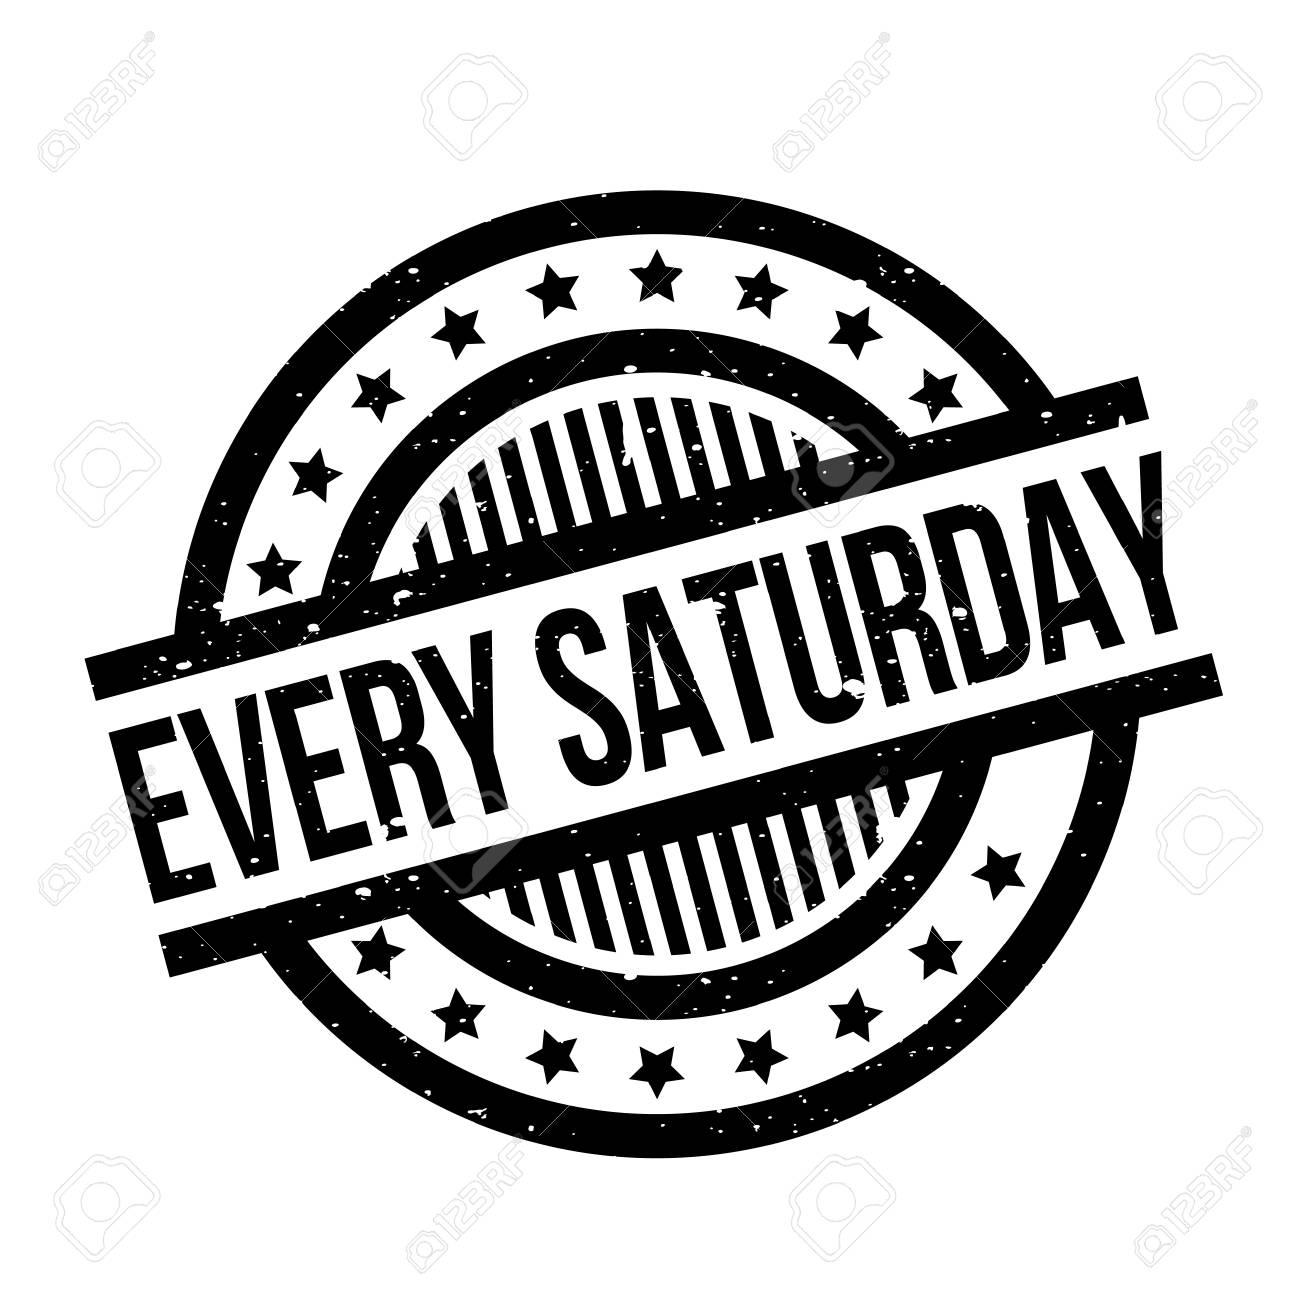 毎土曜日のスタンプのイラスト素材・ベクタ - Image 77620869.